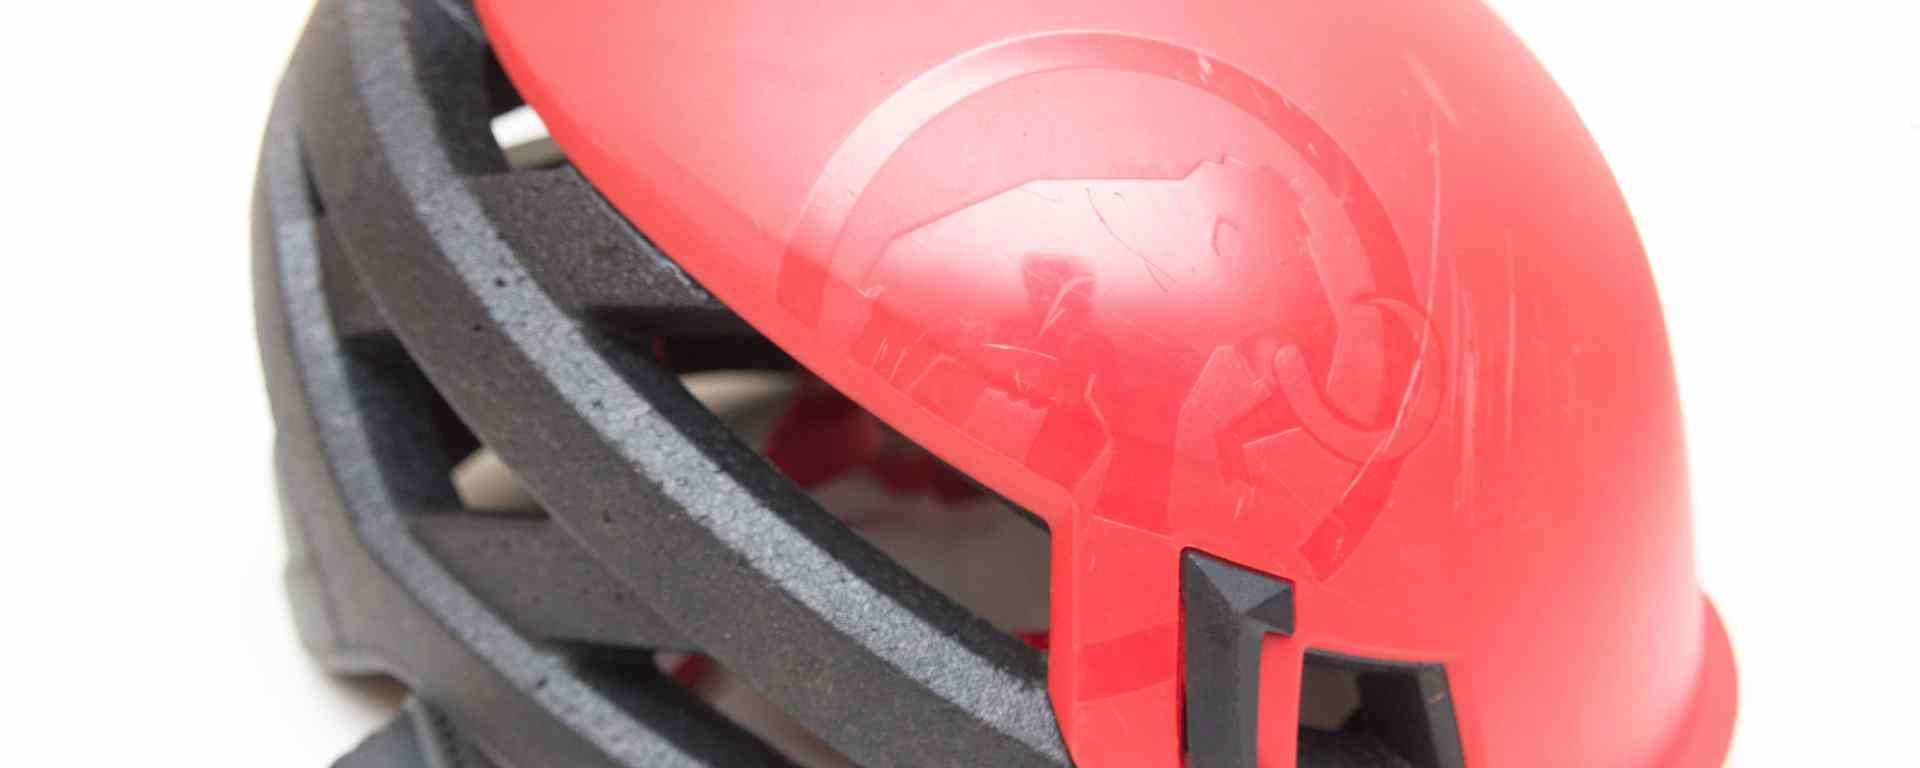 Wallrider Helmet